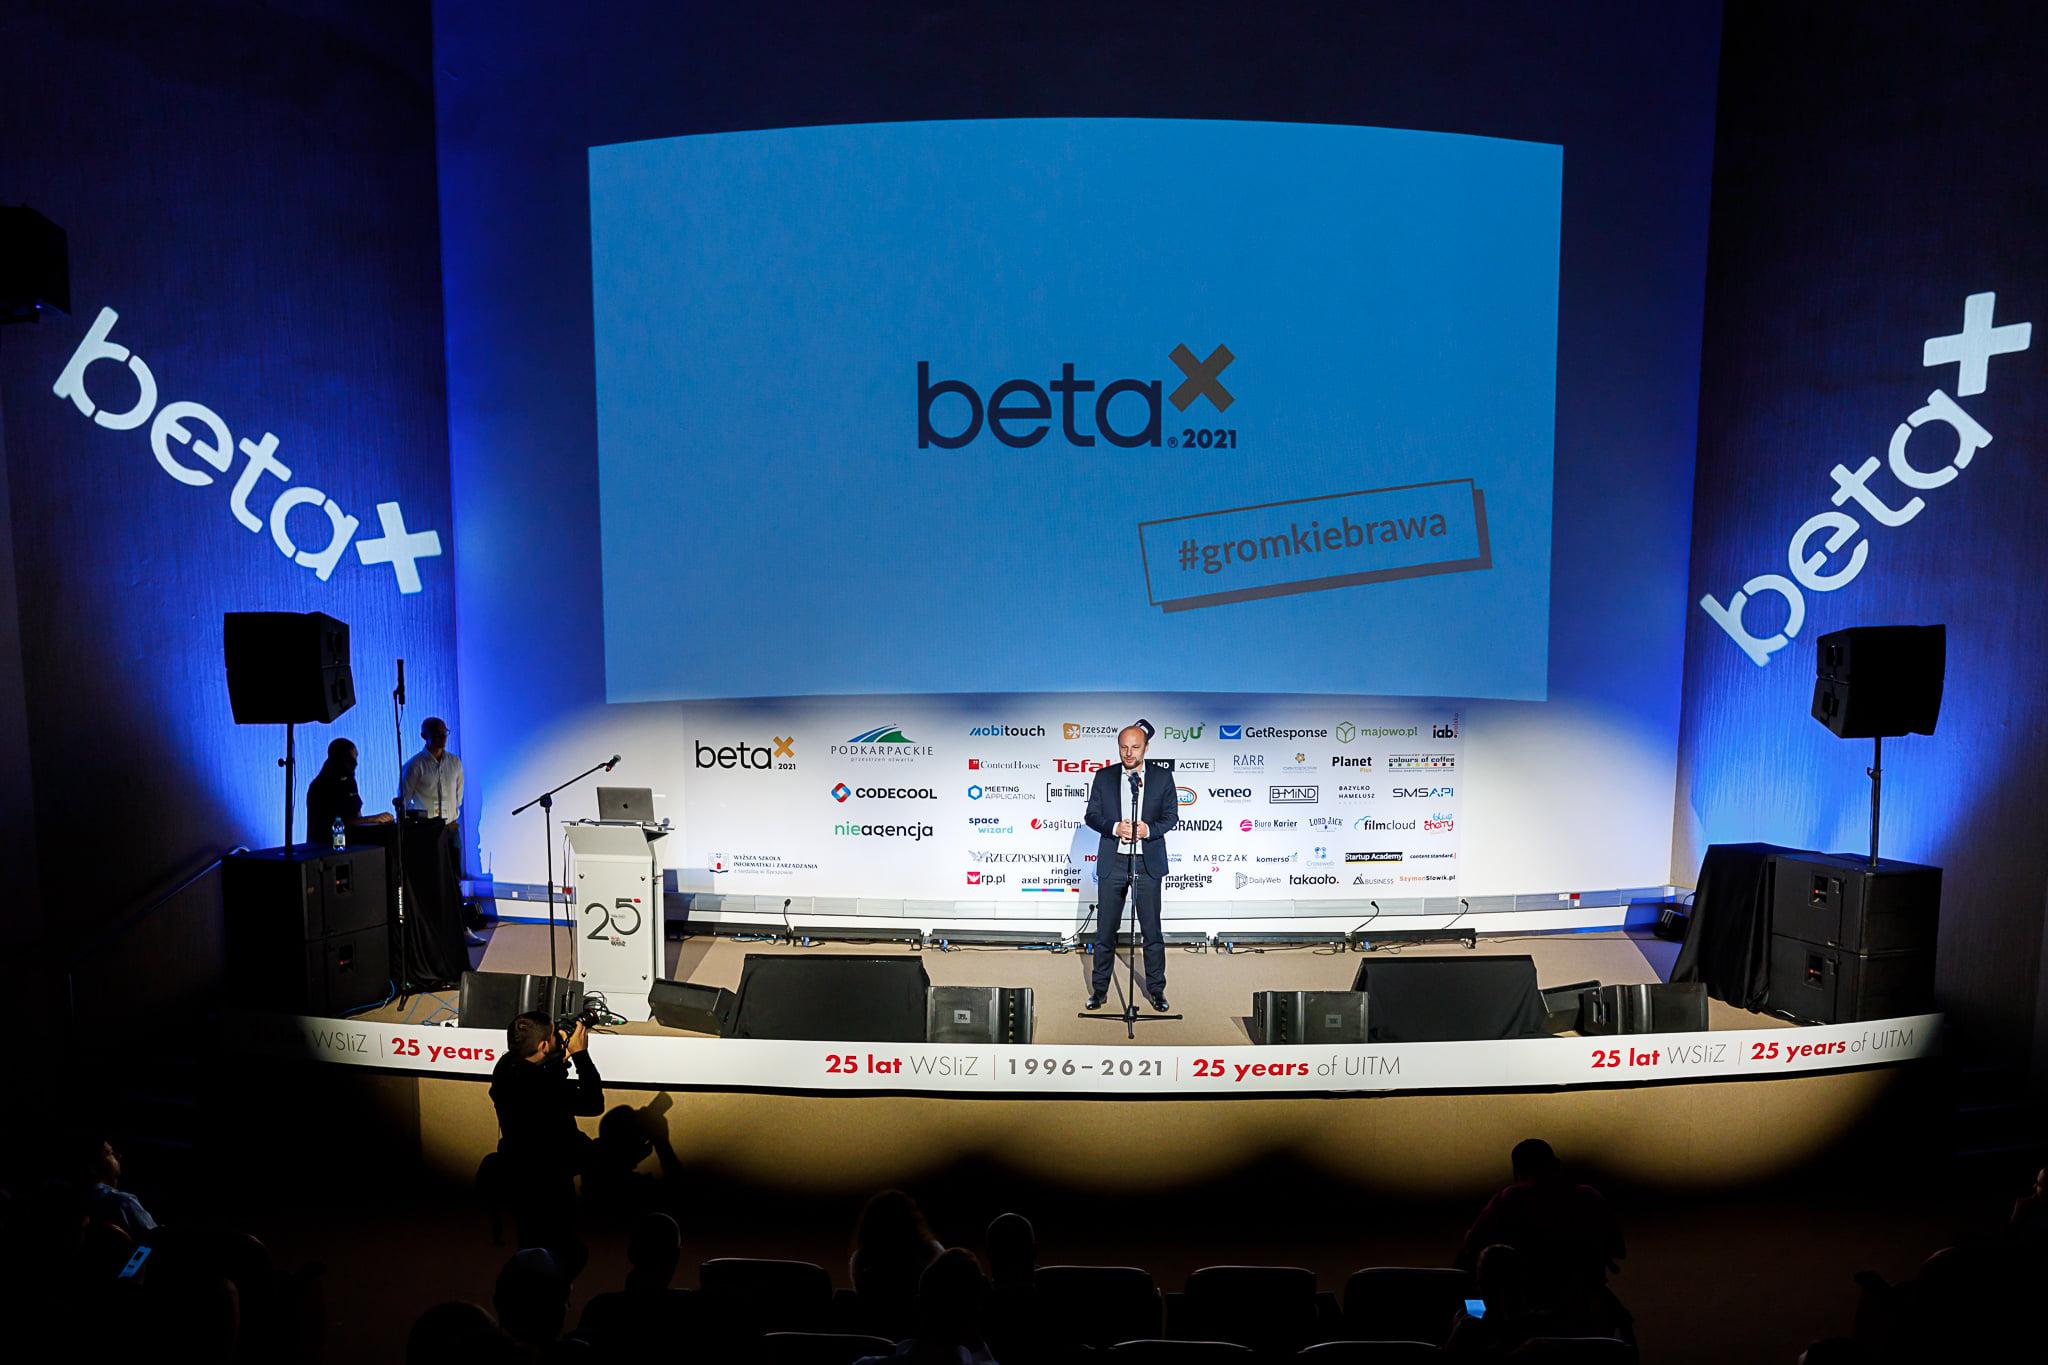 Za nami 13. edycja konferencji InternetBeta